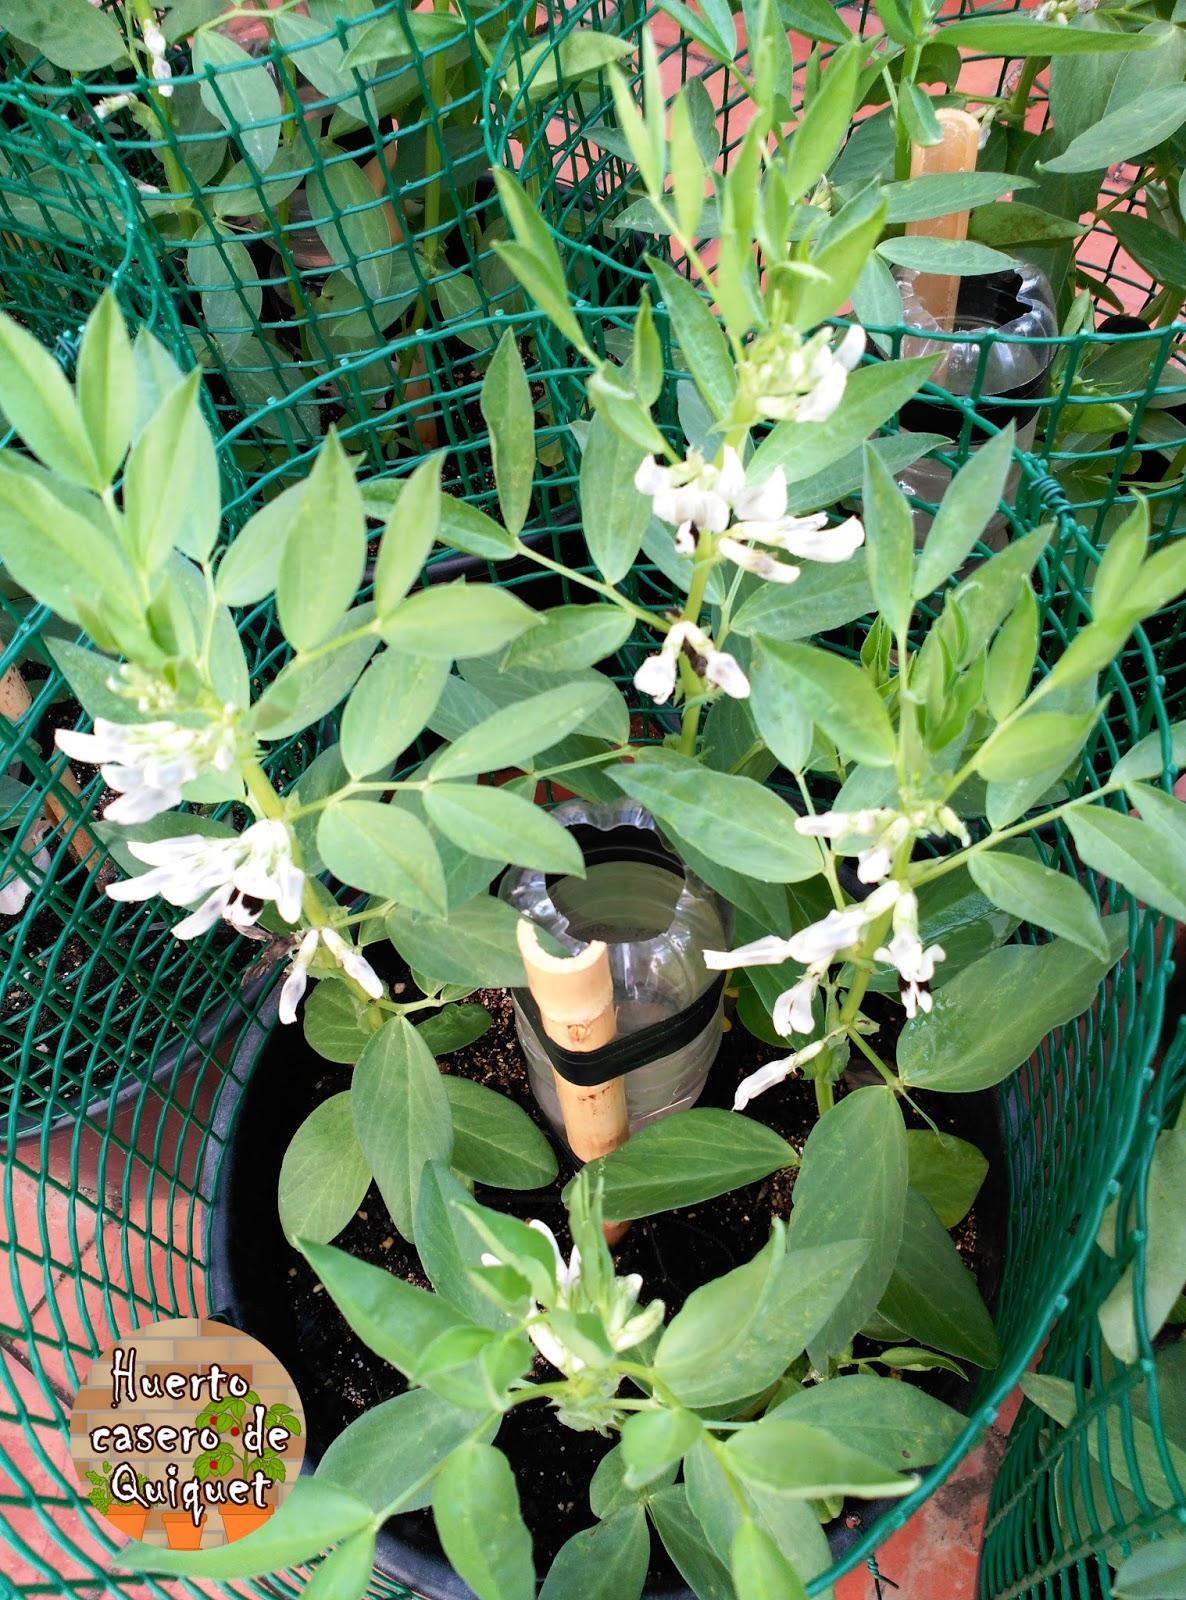 Huerto casero de quiquet polinizar manualmente flores de - Como se preparan las habas ...